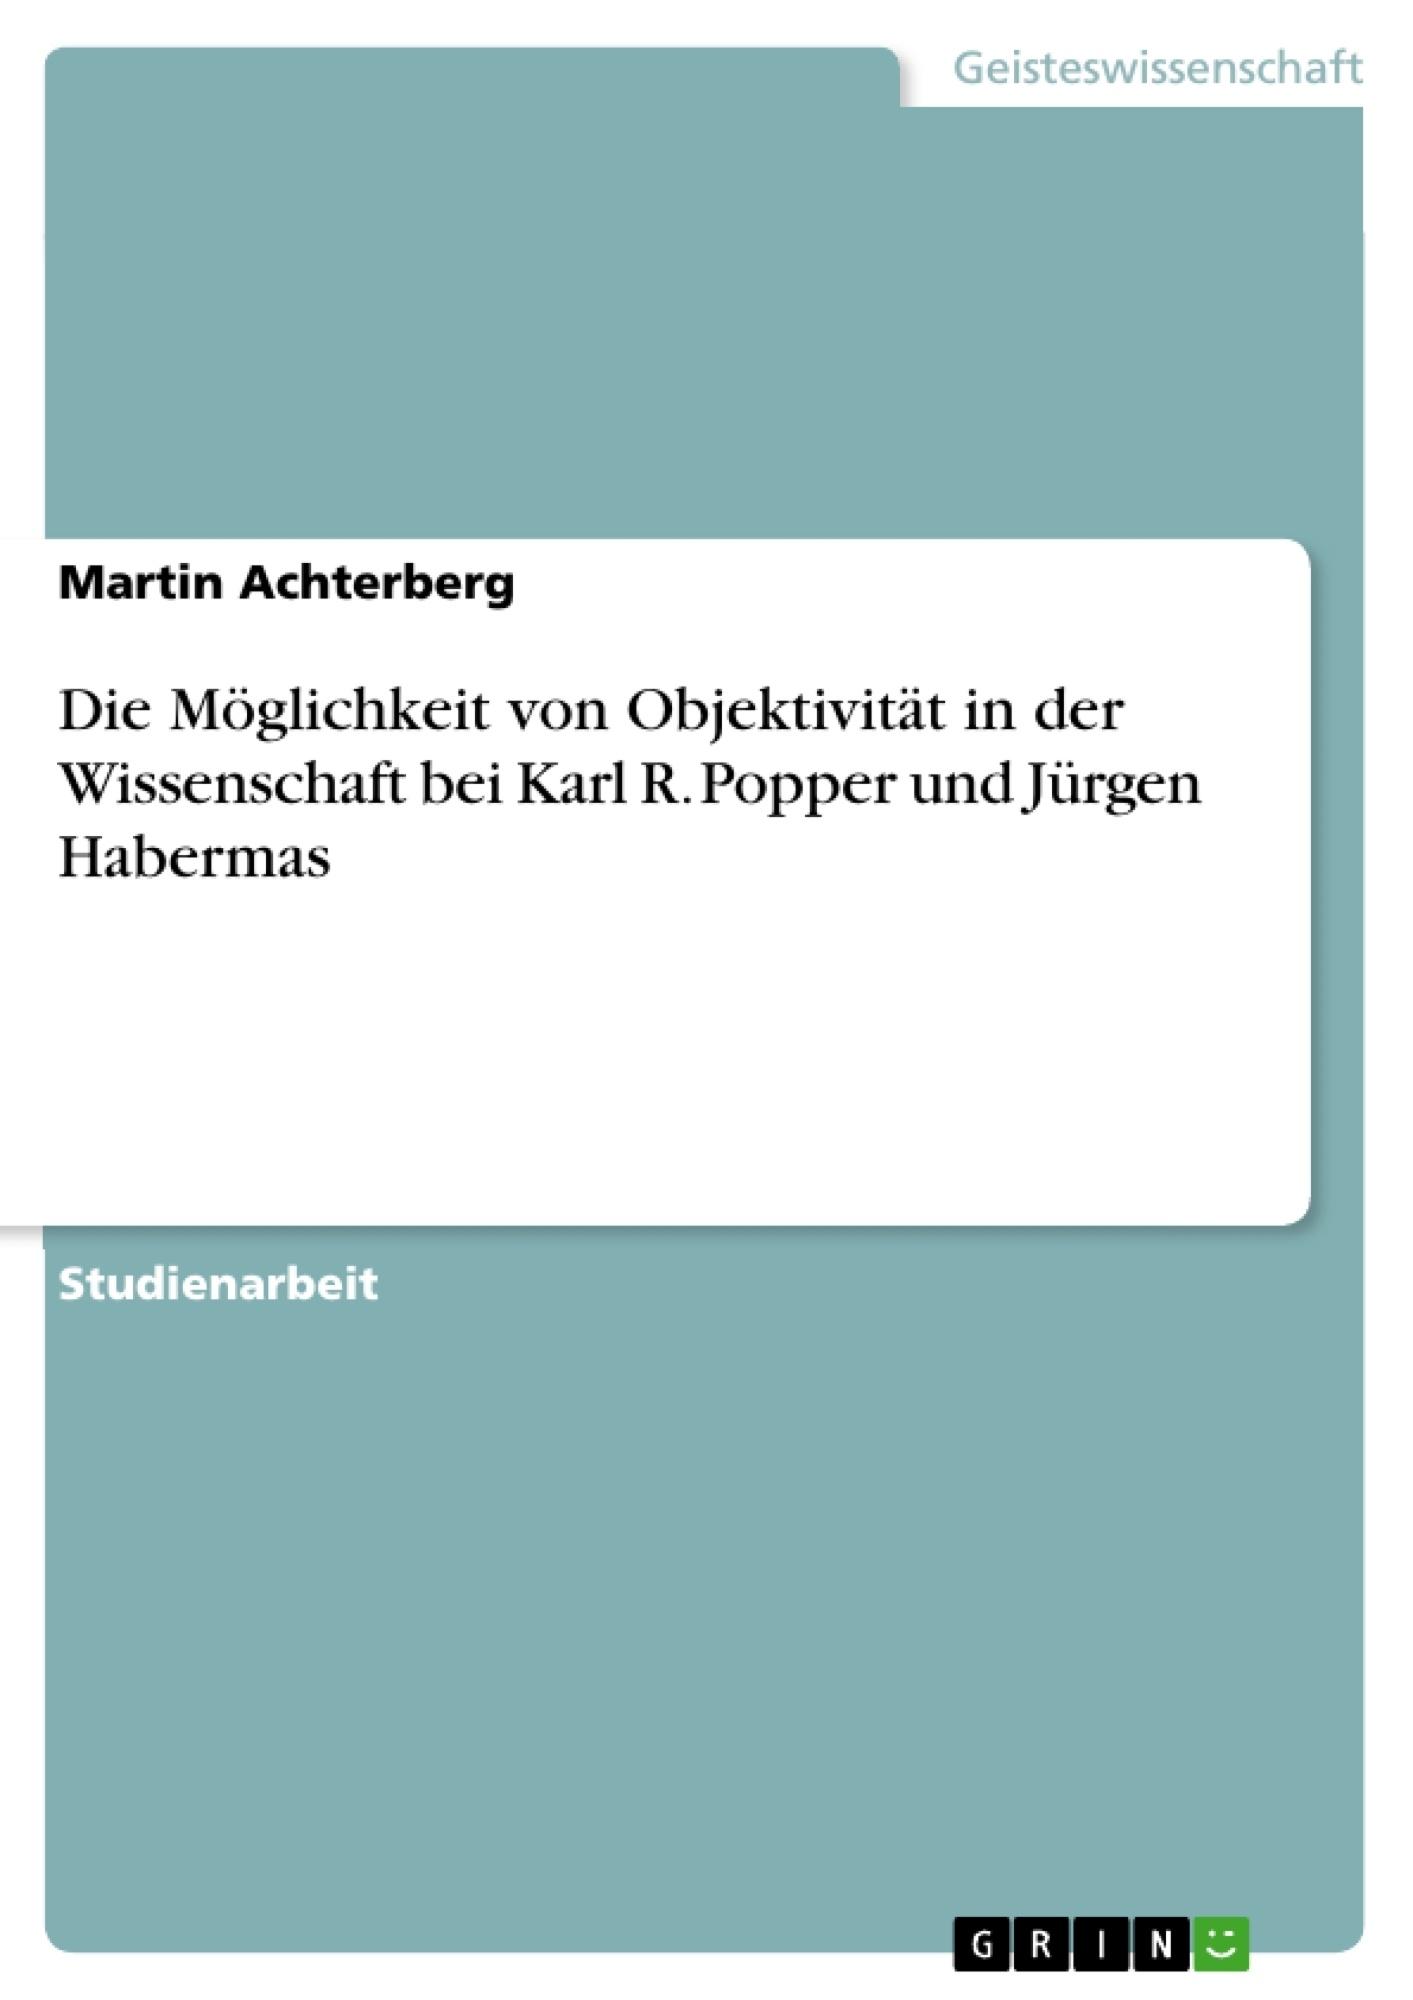 Titel: Die Möglichkeit von Objektivität in der Wissenschaft bei Karl R. Popper und Jürgen Habermas